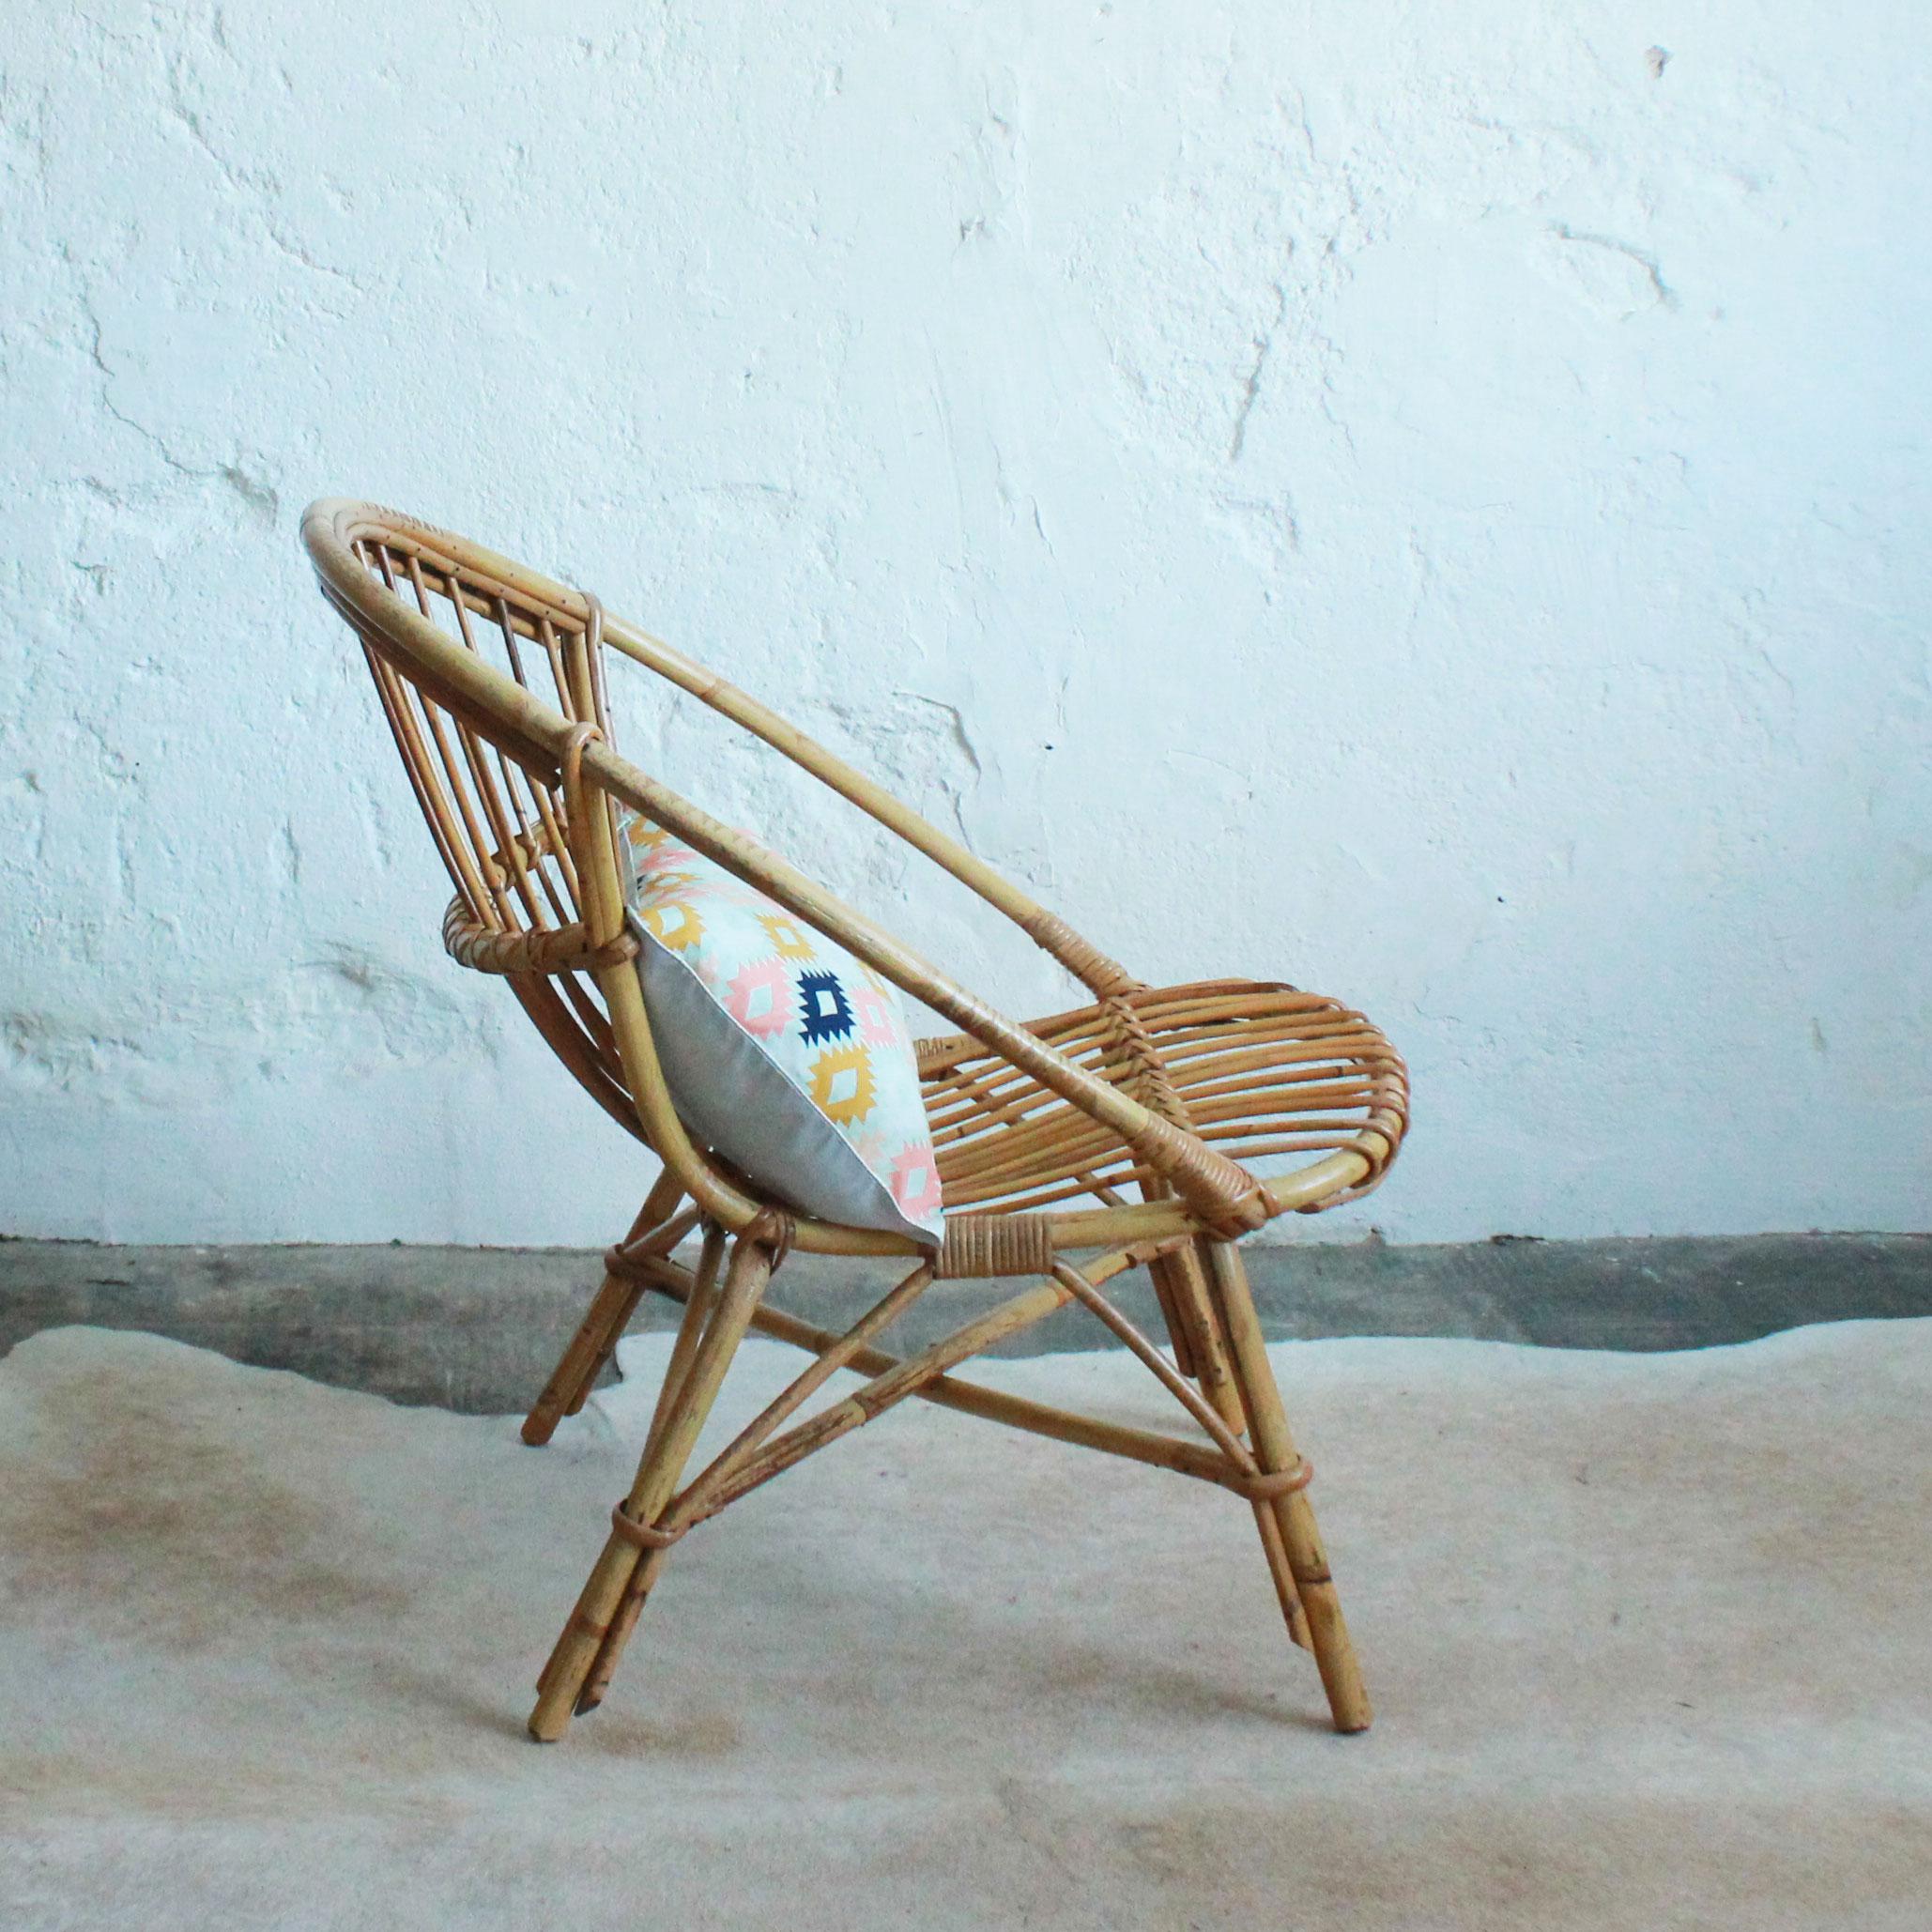 Fauteuil rotin vintage c676 c atelier du petit parc - Petit fauteuil vintage ...